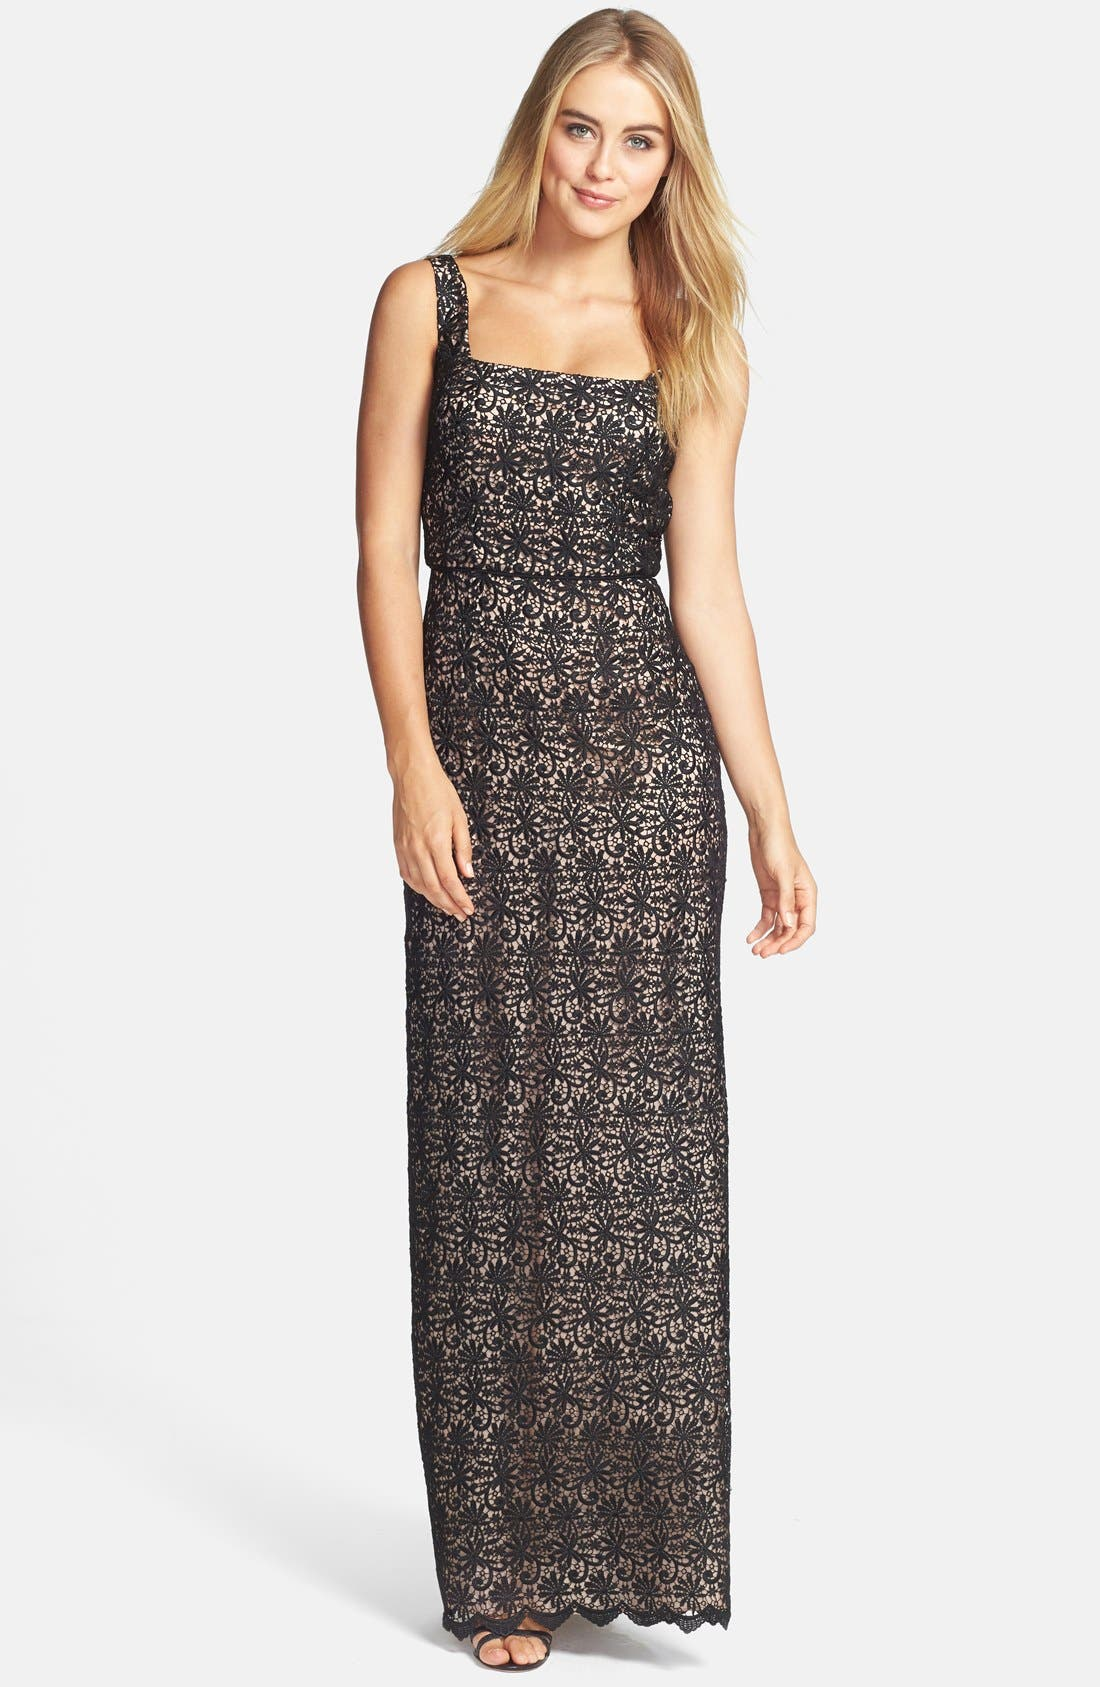 Venise Lace Column Gown,                         Main,                         color, Black/ Nude